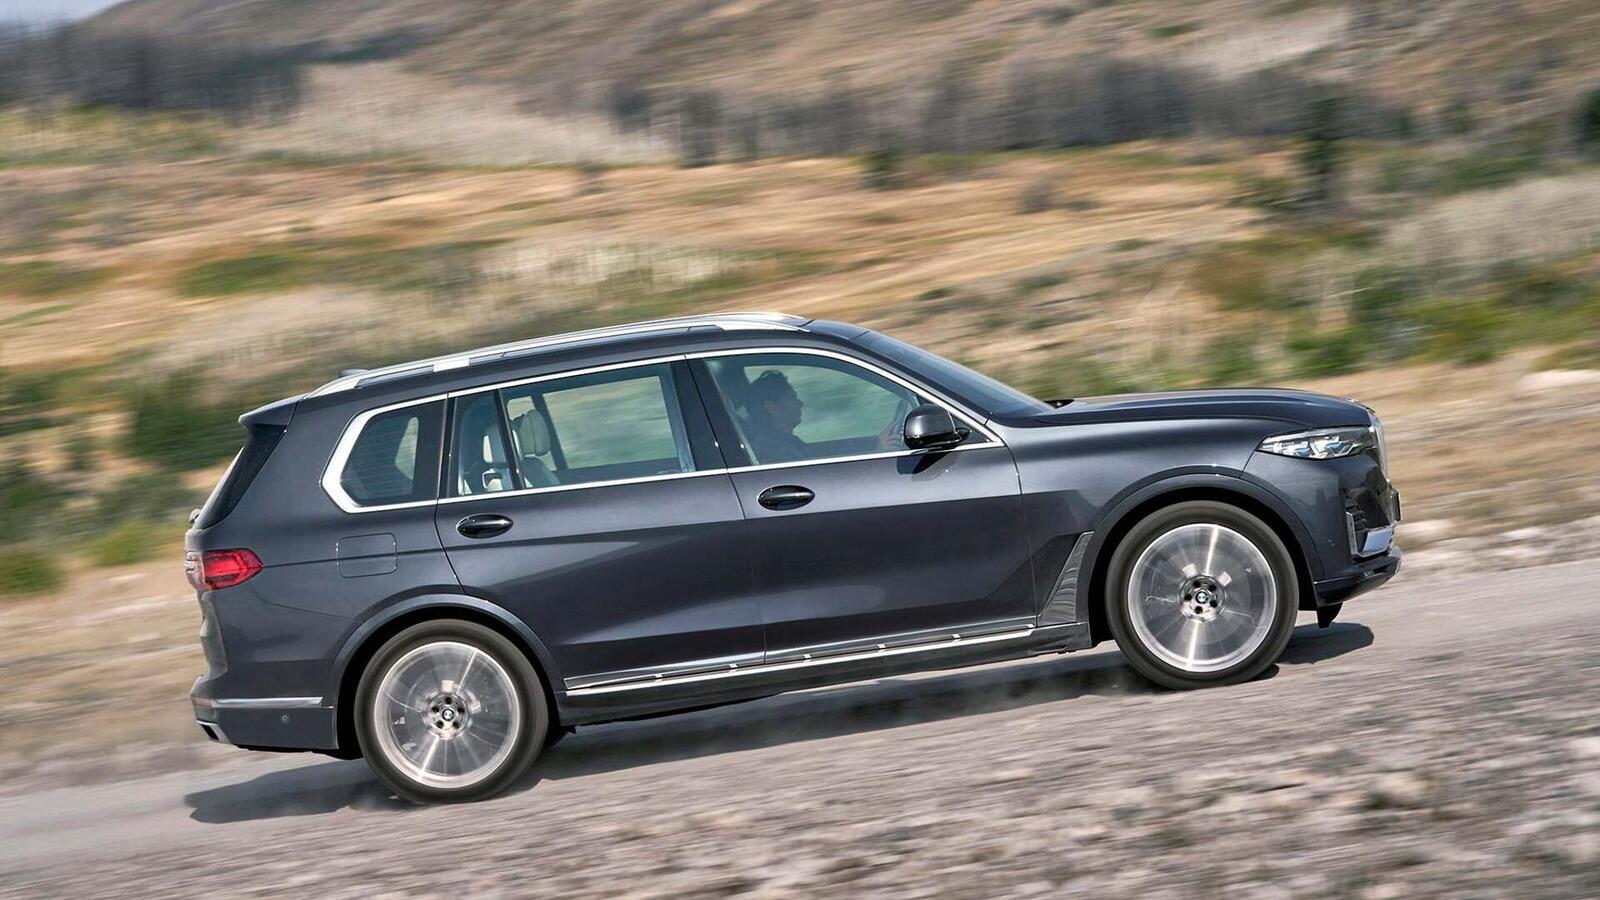 BMW X7 sắp bán tại Thái Lan; bản máy dầu M50d có giá 6,5 tỷ đồng - Hình 11